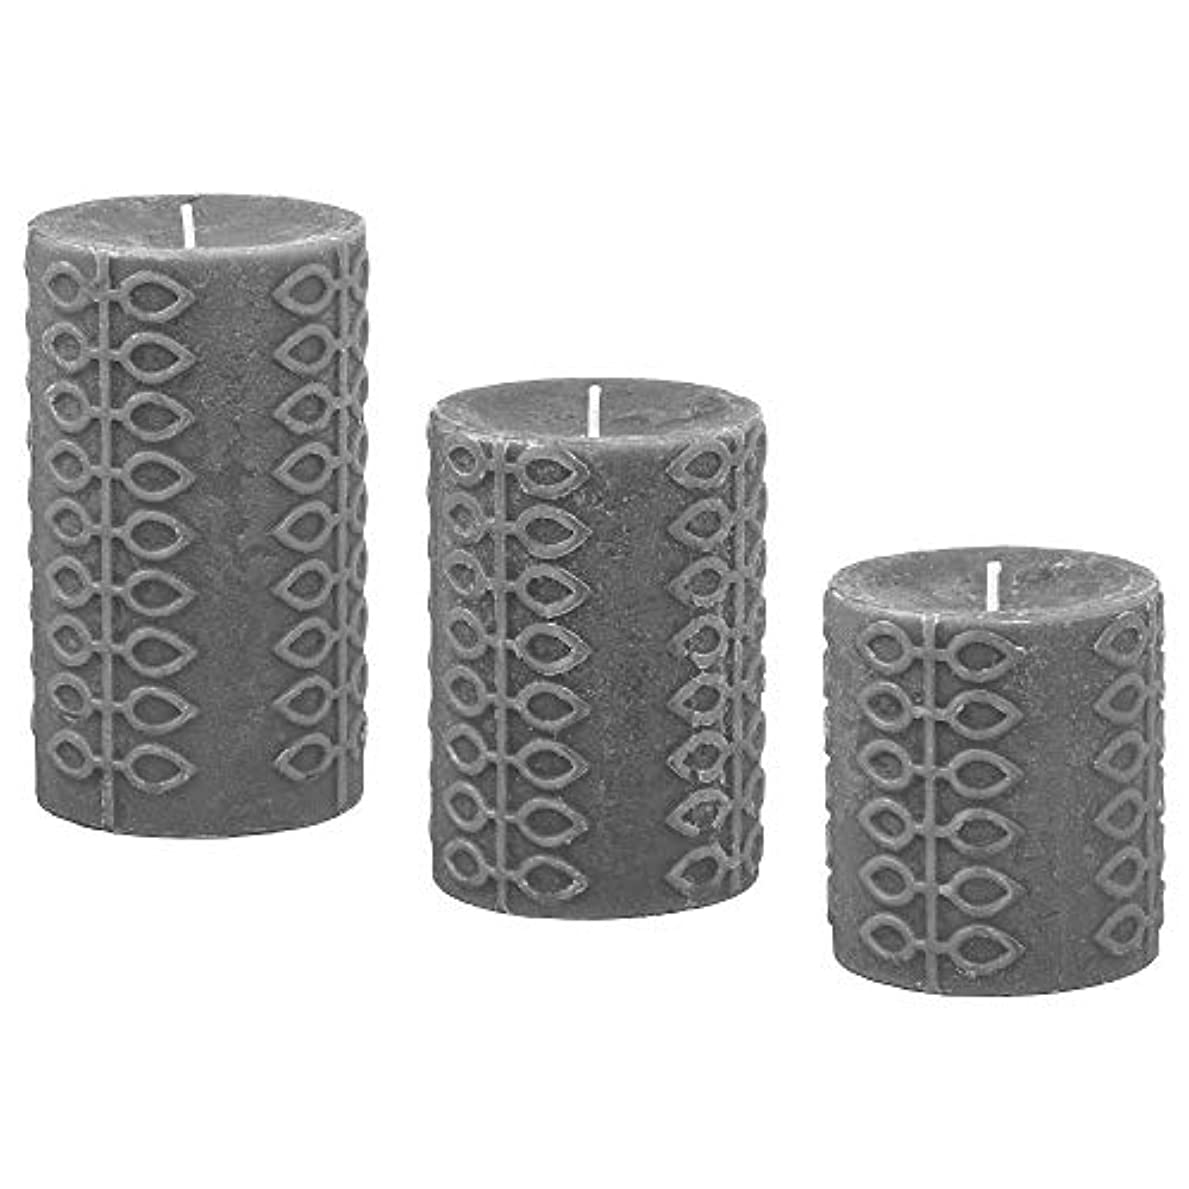 エミュレートするペレット手綱IKEA/イケア NJUTNING:香り付きブロックキャンドル3個セット 花開くベルガモット/グレー(303.505.15)